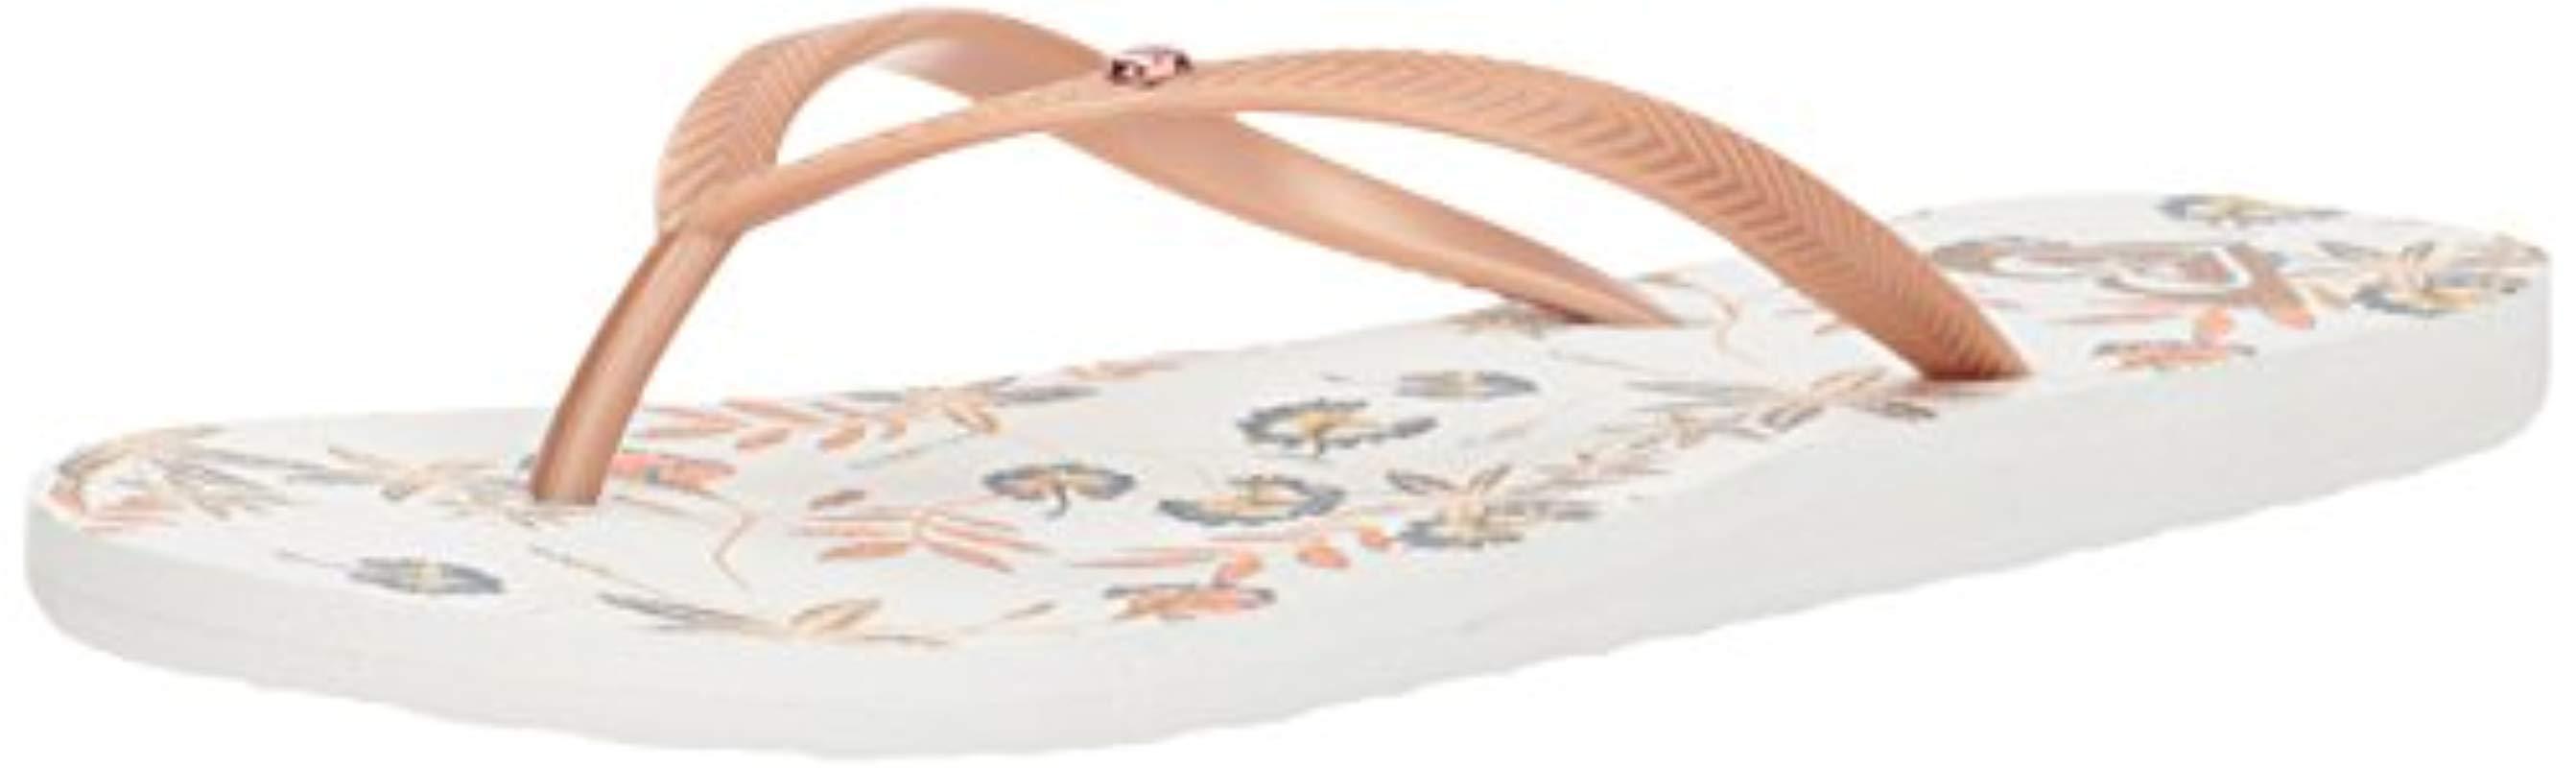 dc6f234847e Lyst - Roxy Bermuda Flip Flop Sandal Flip Flop